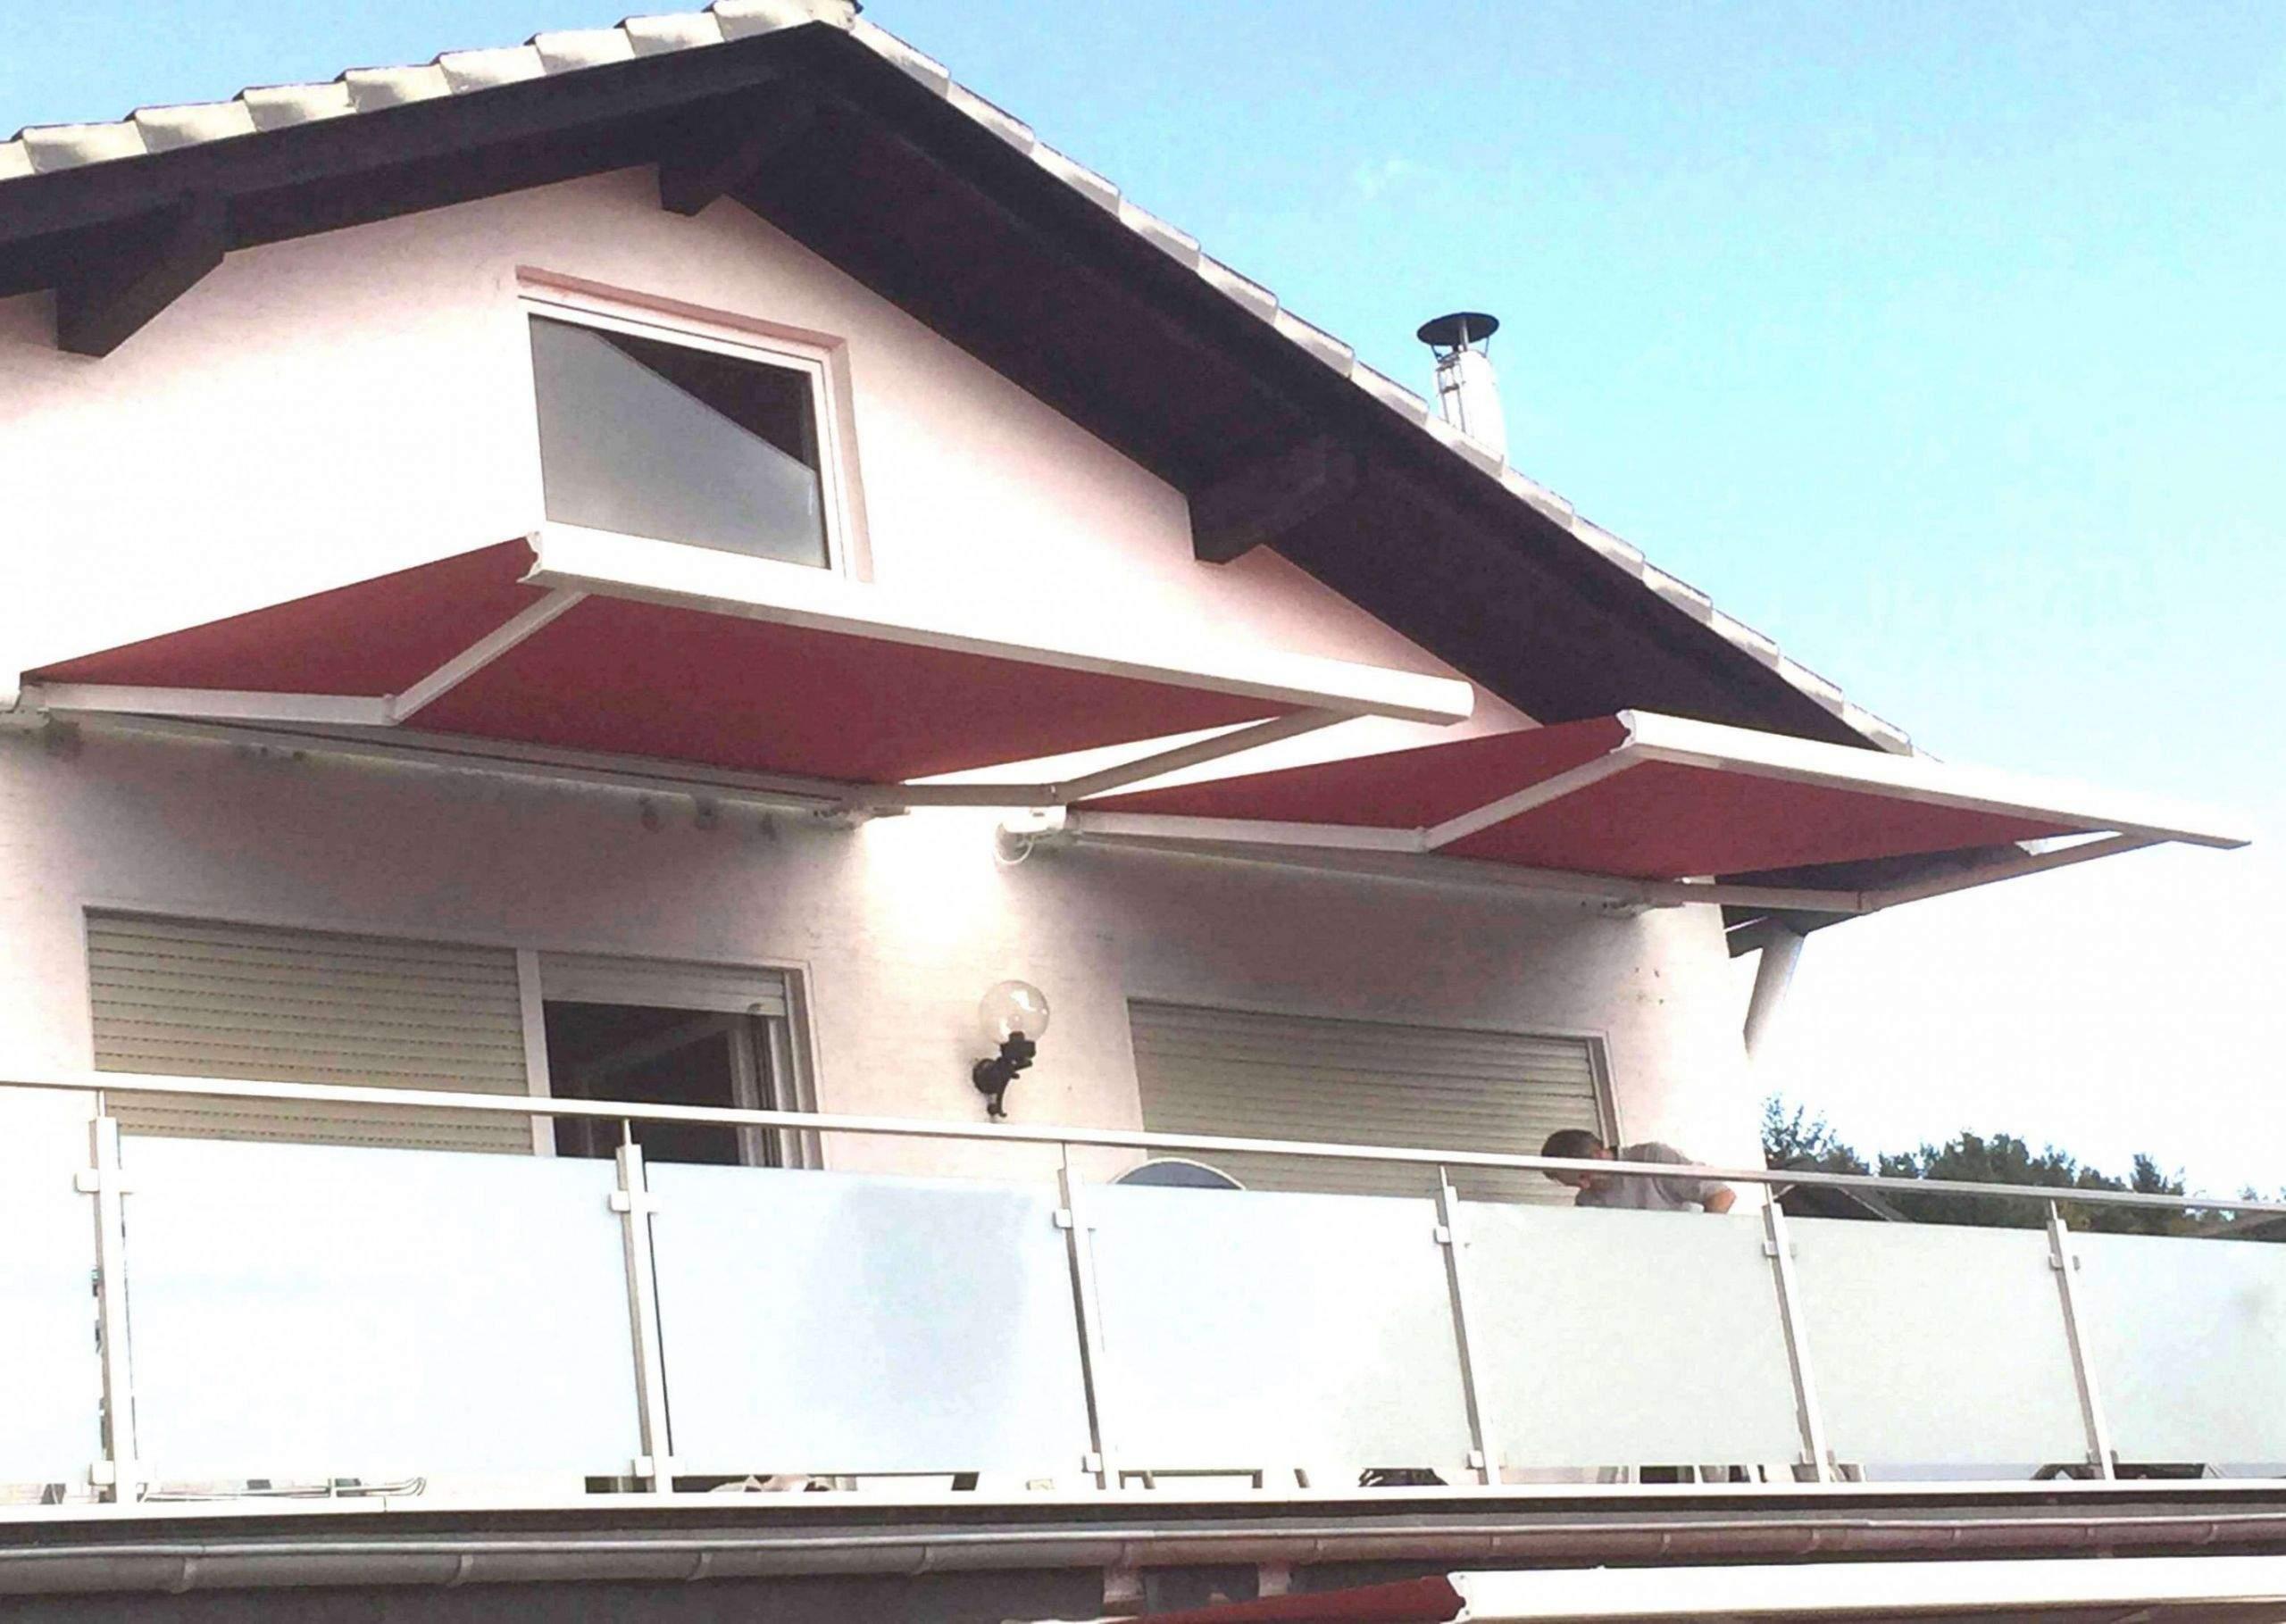 gartendusche sichtschutz sichtschutz fur bodentiefe fenster temobardz home blog of gartendusche sichtschutz 5 scaled